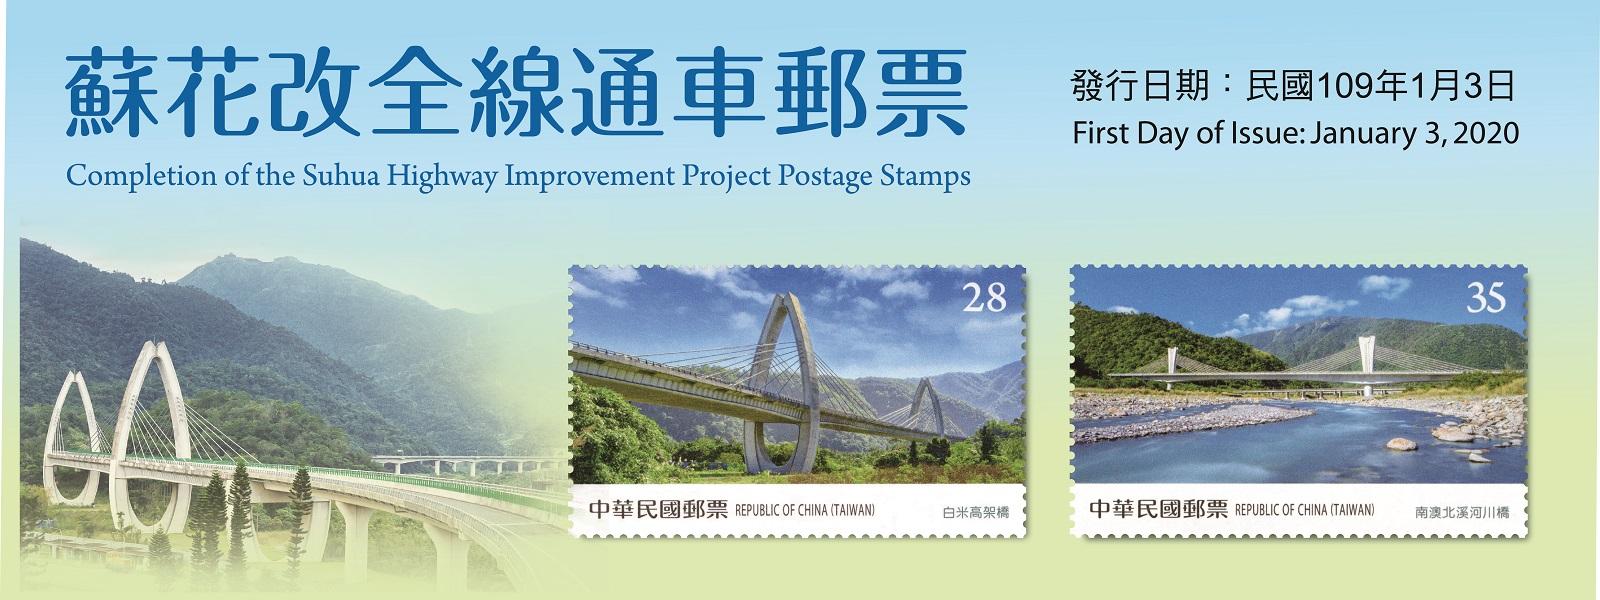 廣告連結:特687 蘇花改全線通車郵票